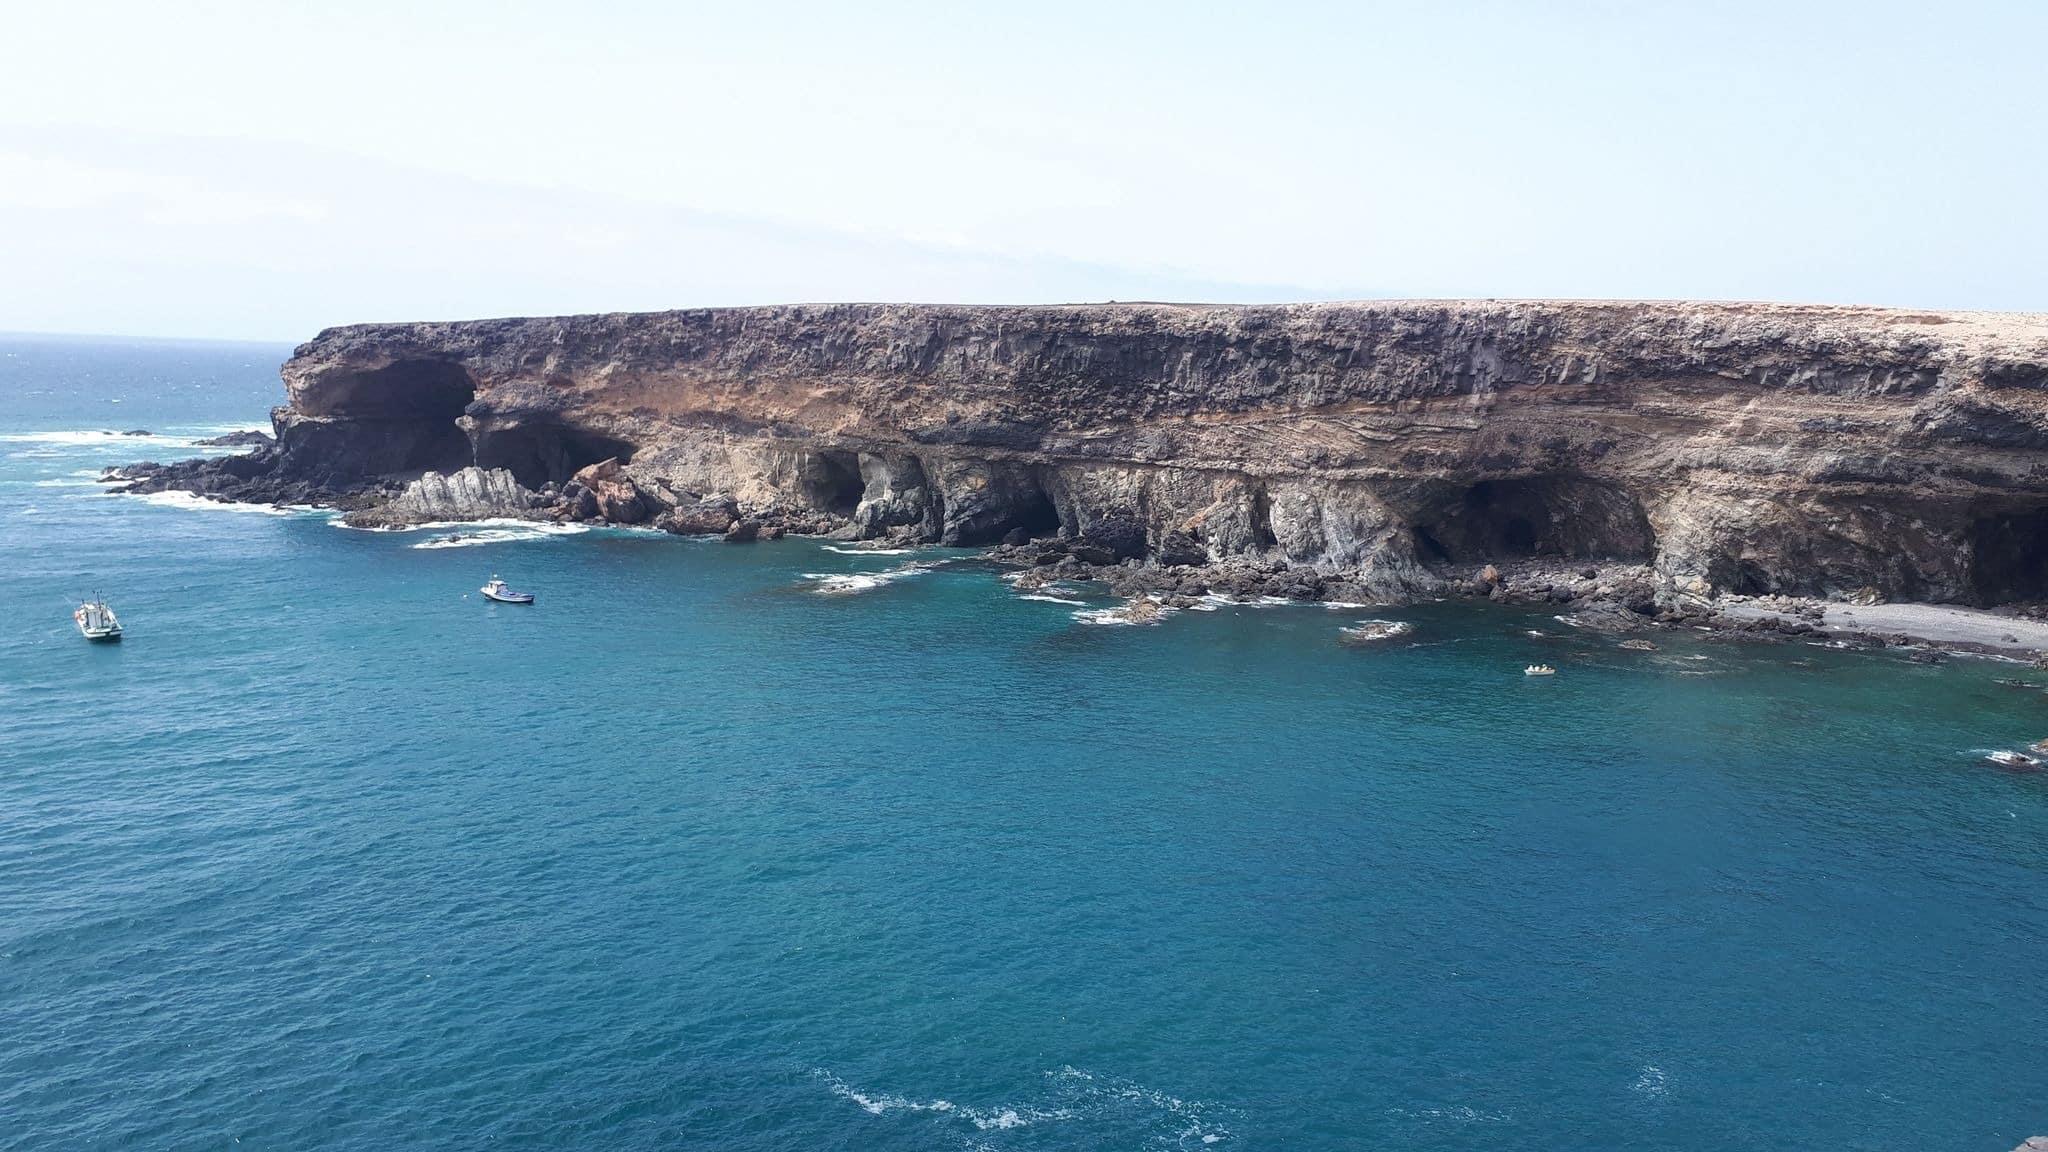 Puerto de la Peña